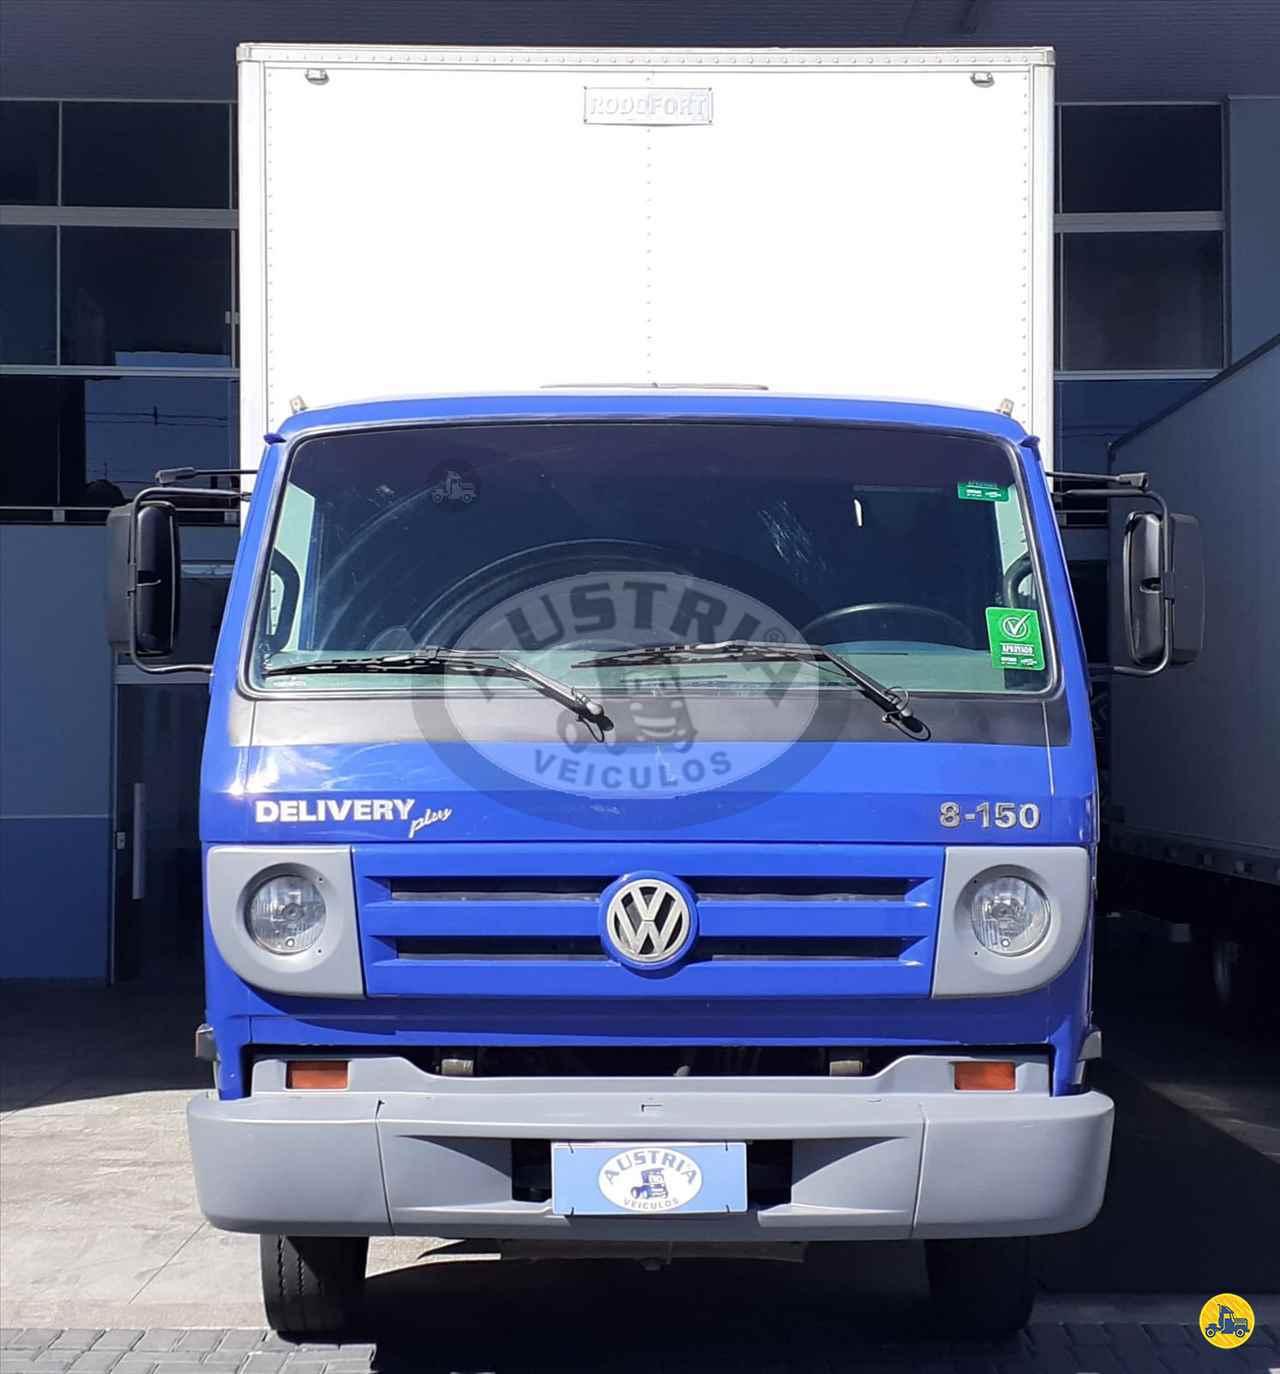 CAMINHAO VOLKSWAGEN VW 8150 Baú Furgão 3/4 4x2 Austria Utilitários e Financiamentos CURITIBA PARANÁ PR